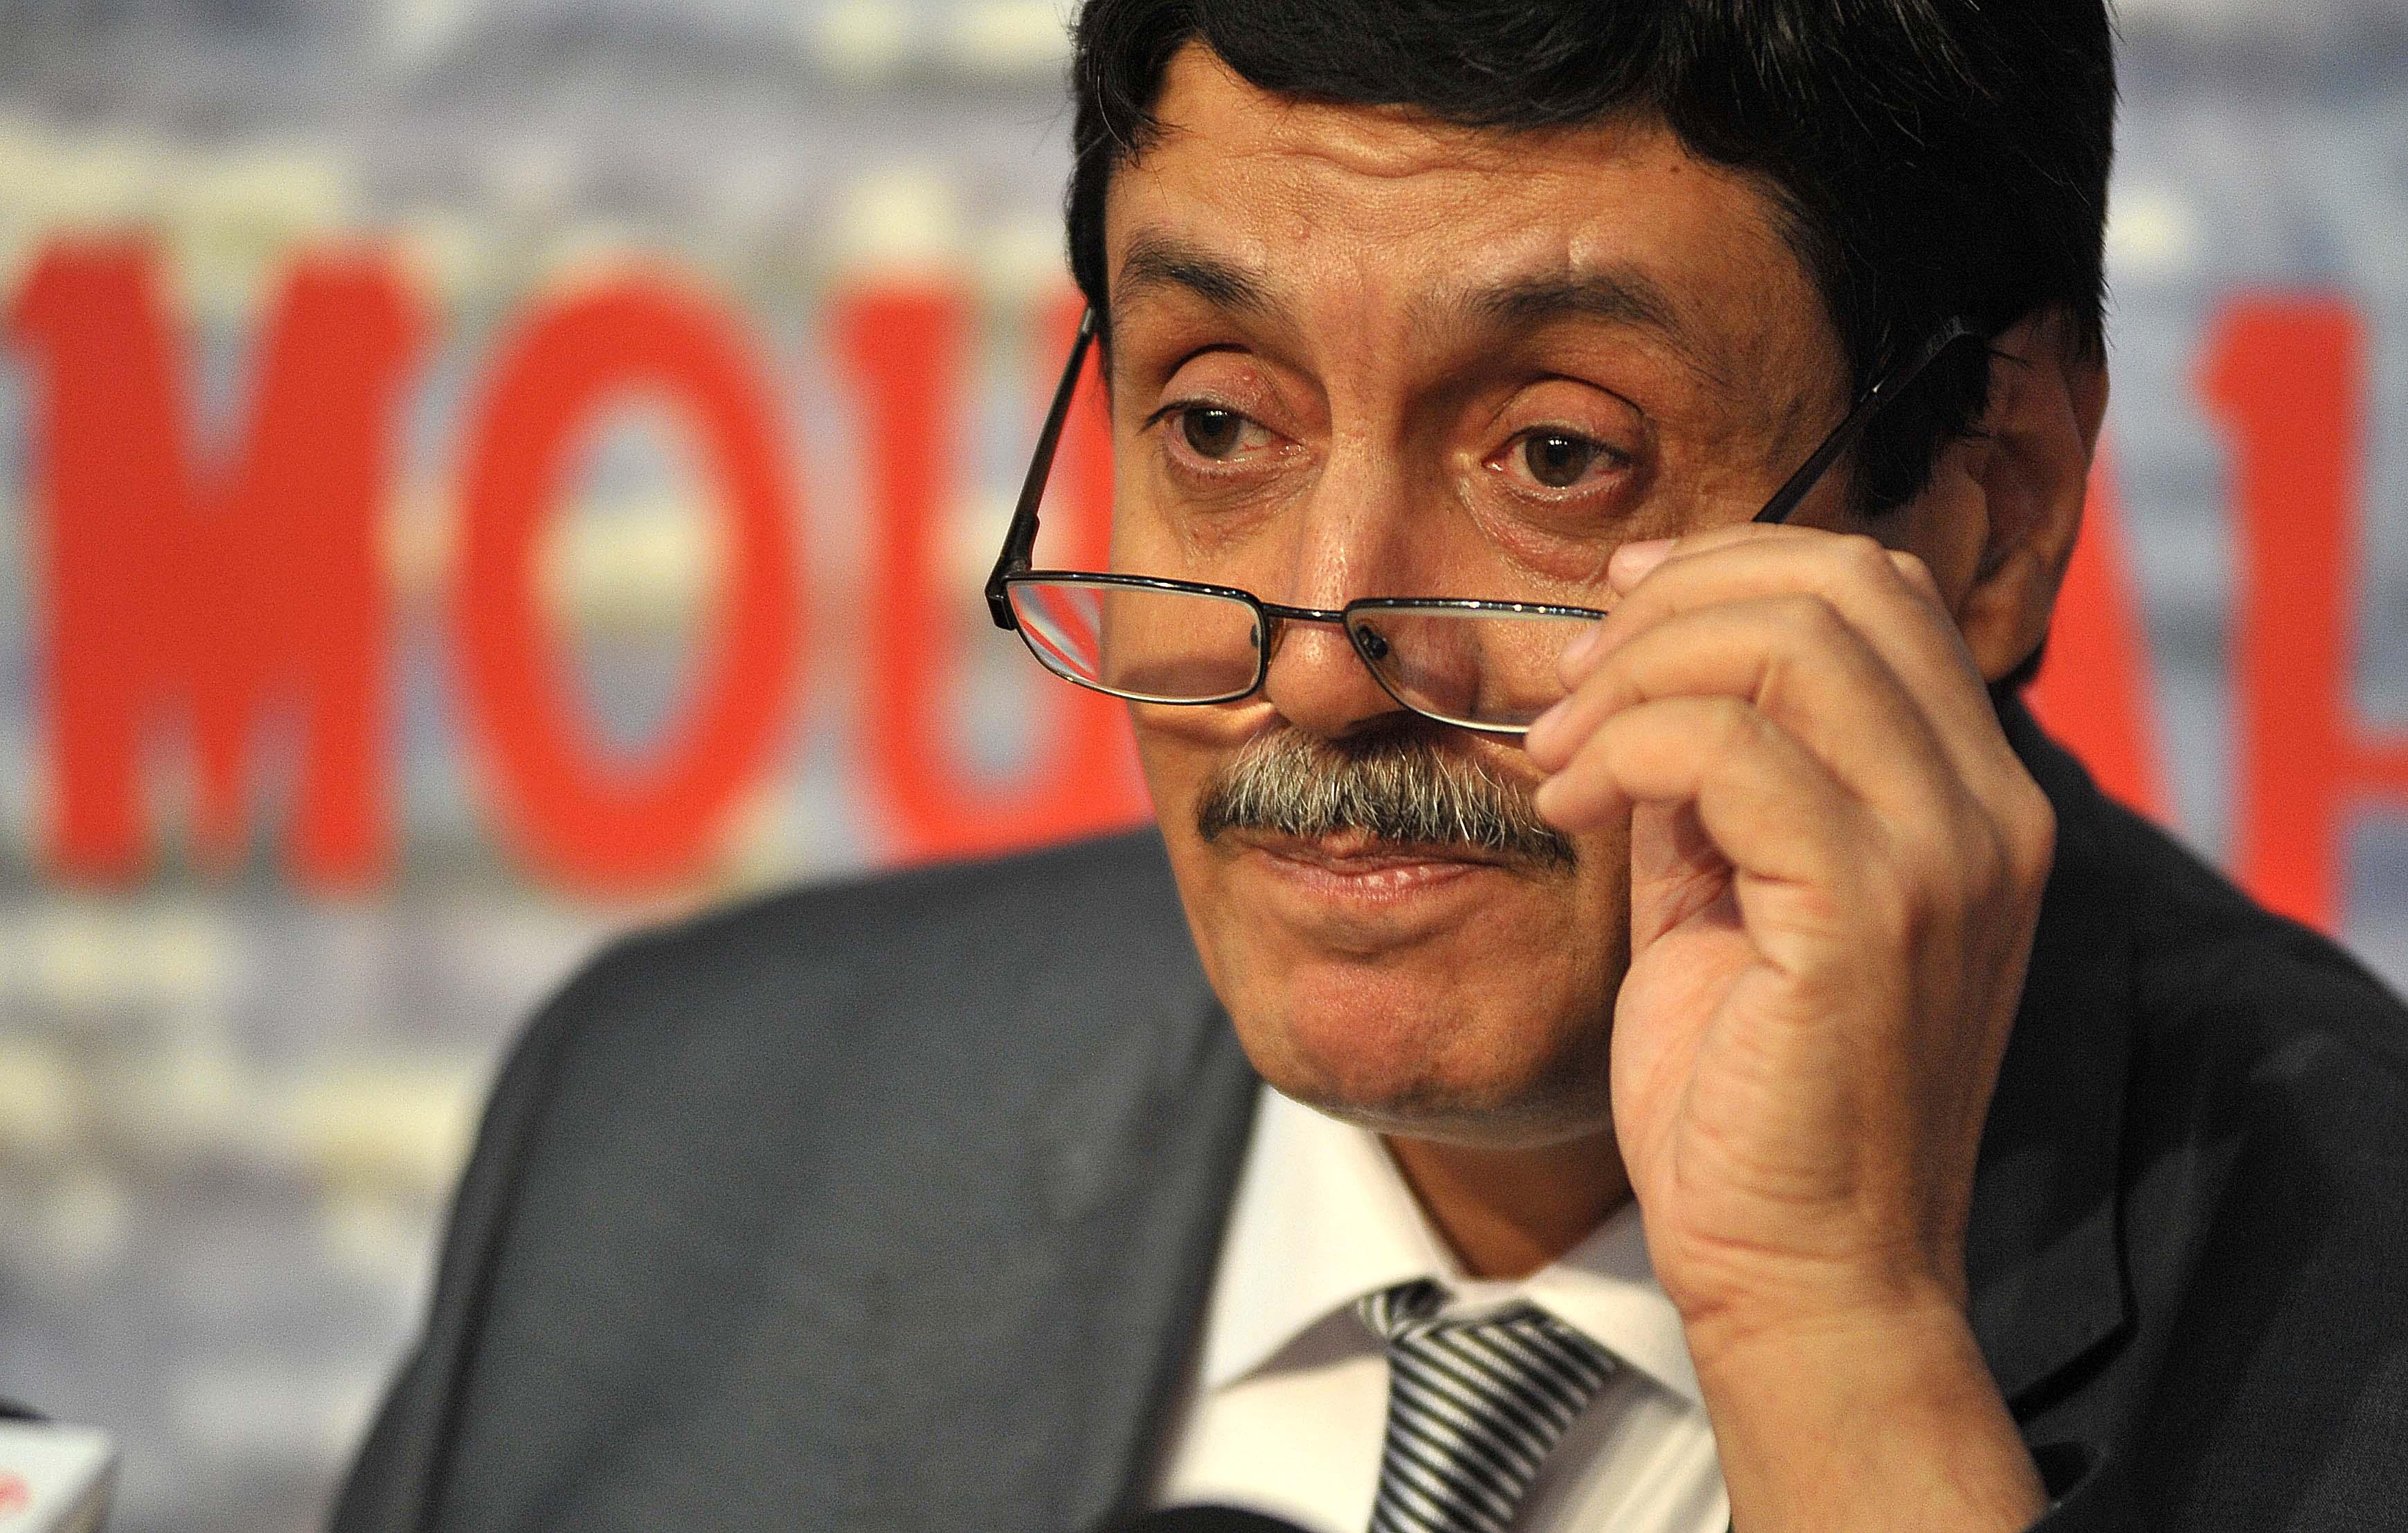 Le ministre des Moudjahidine, Tayeb Zitouni. D. R.